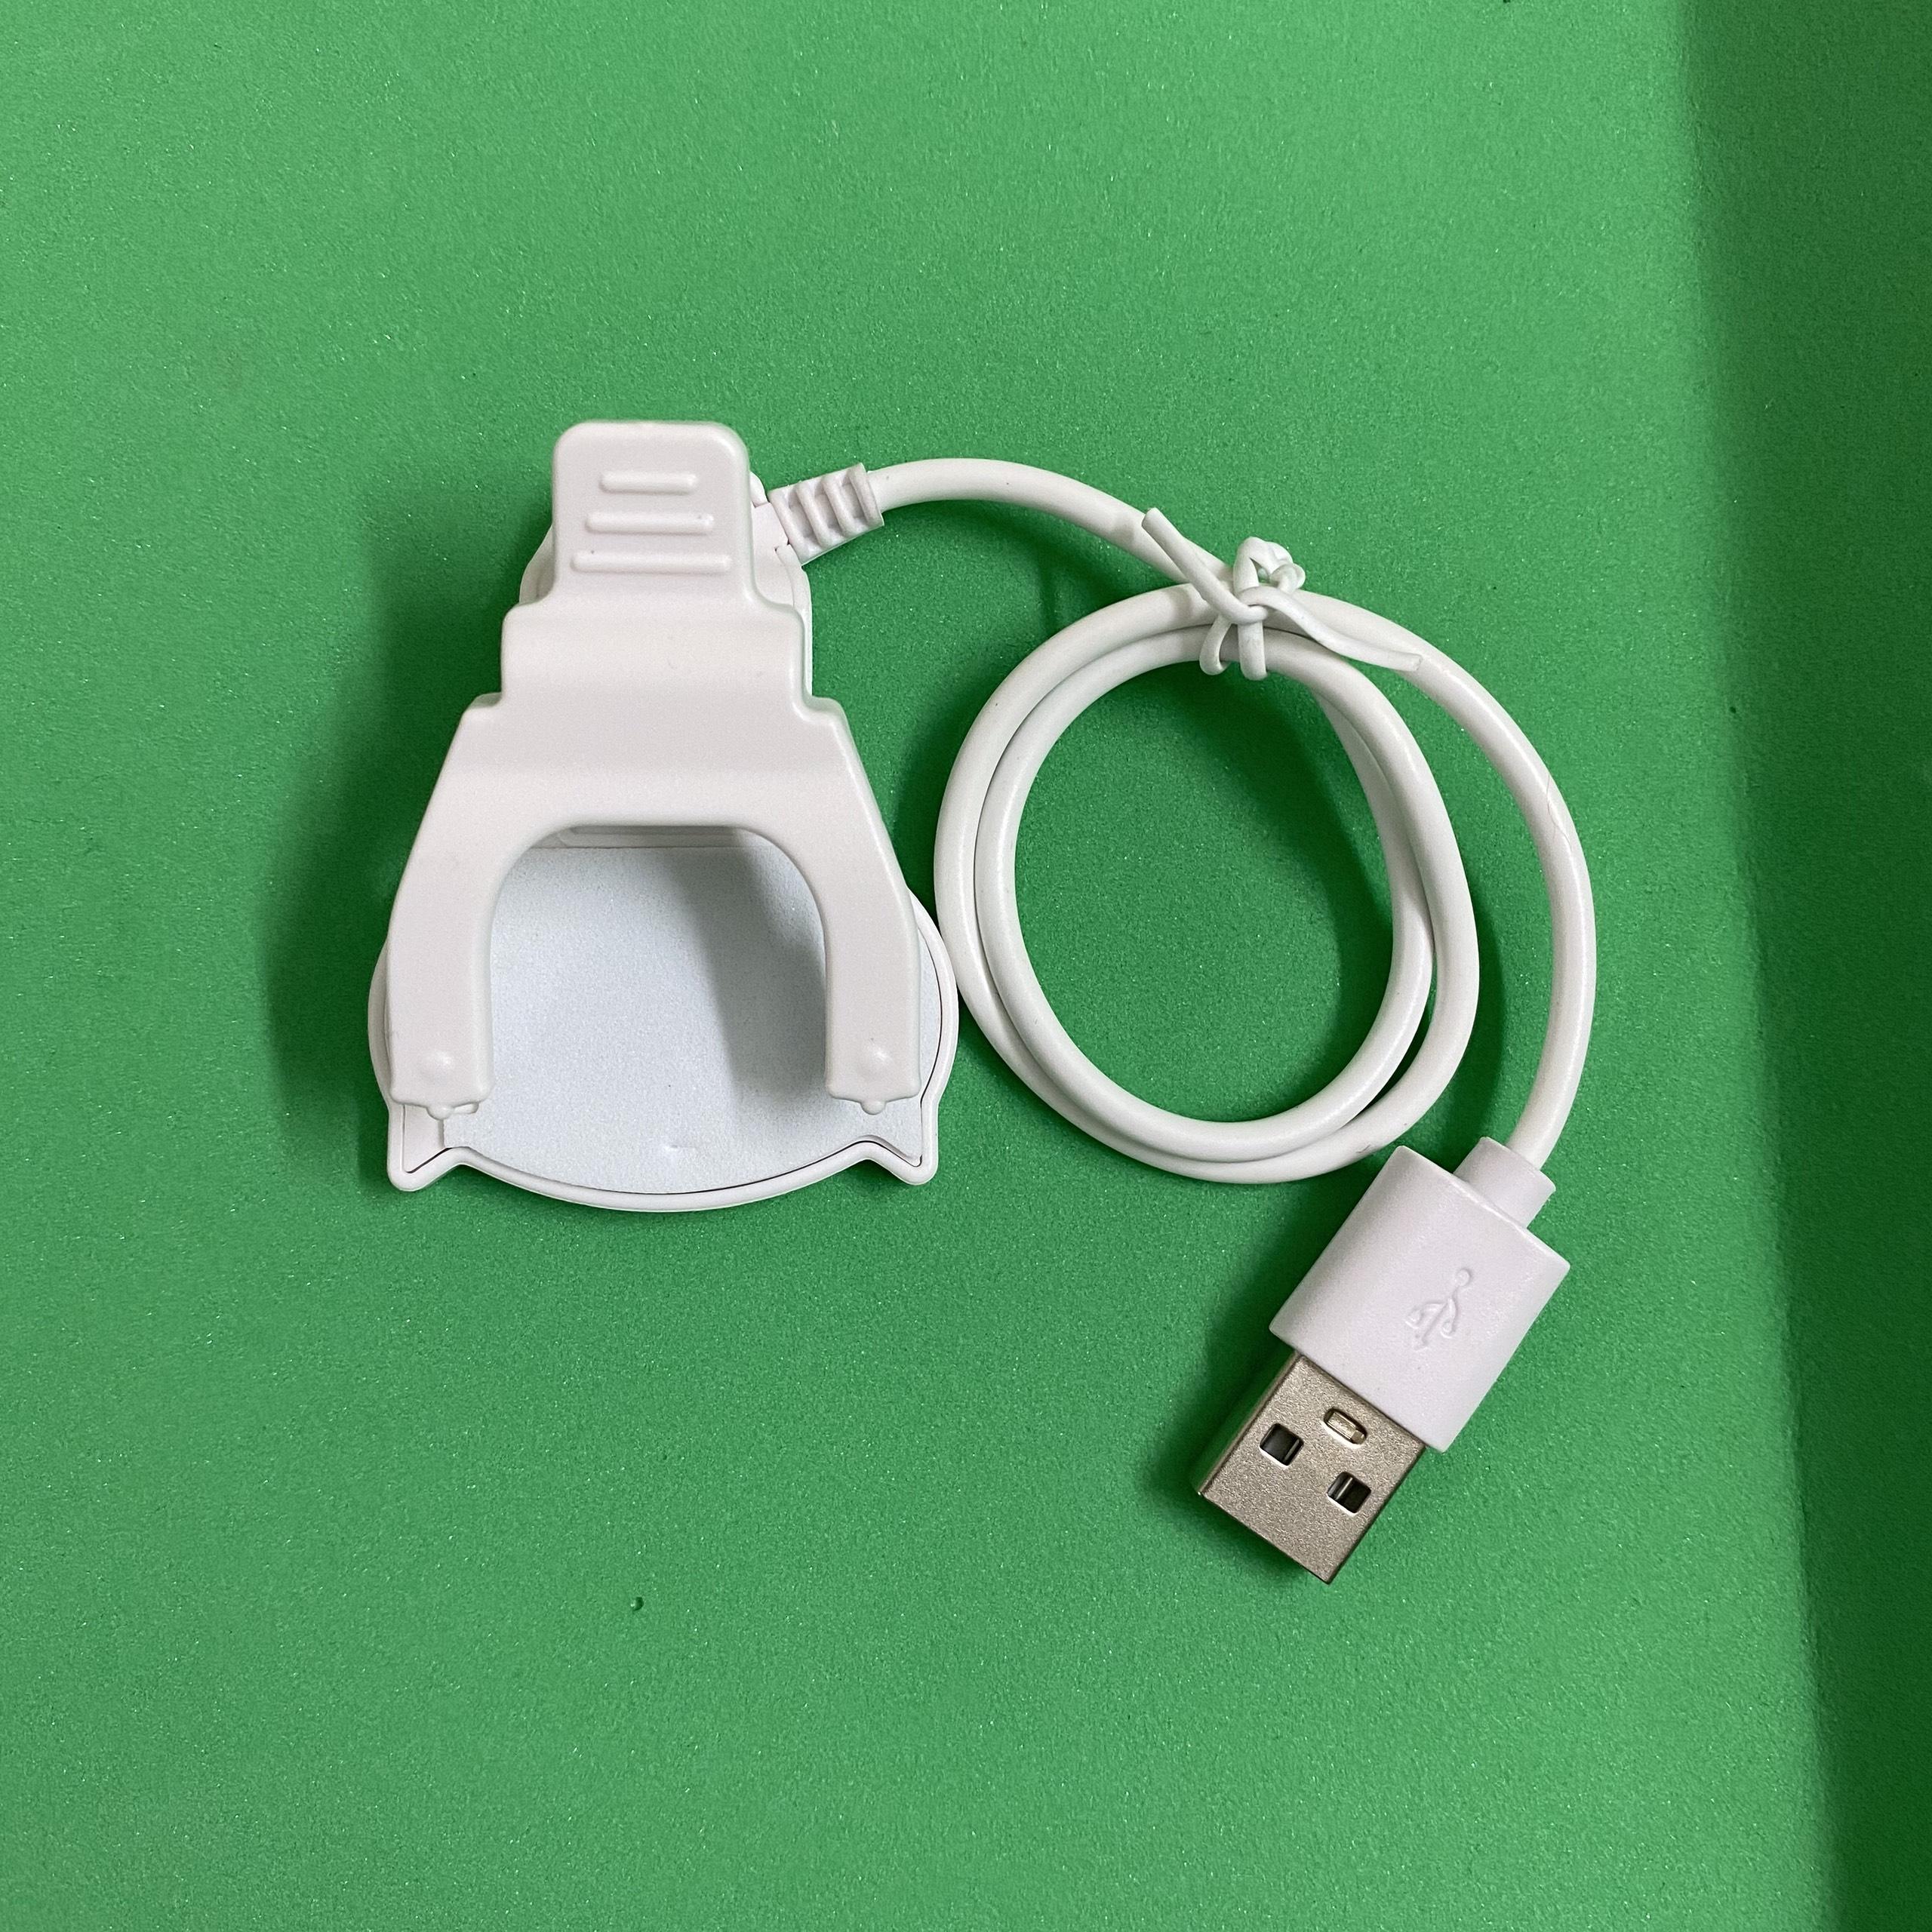 Dây sạc Đồng hồ thông minh trẻ em Kidcare 08S - Hàng chính hãng